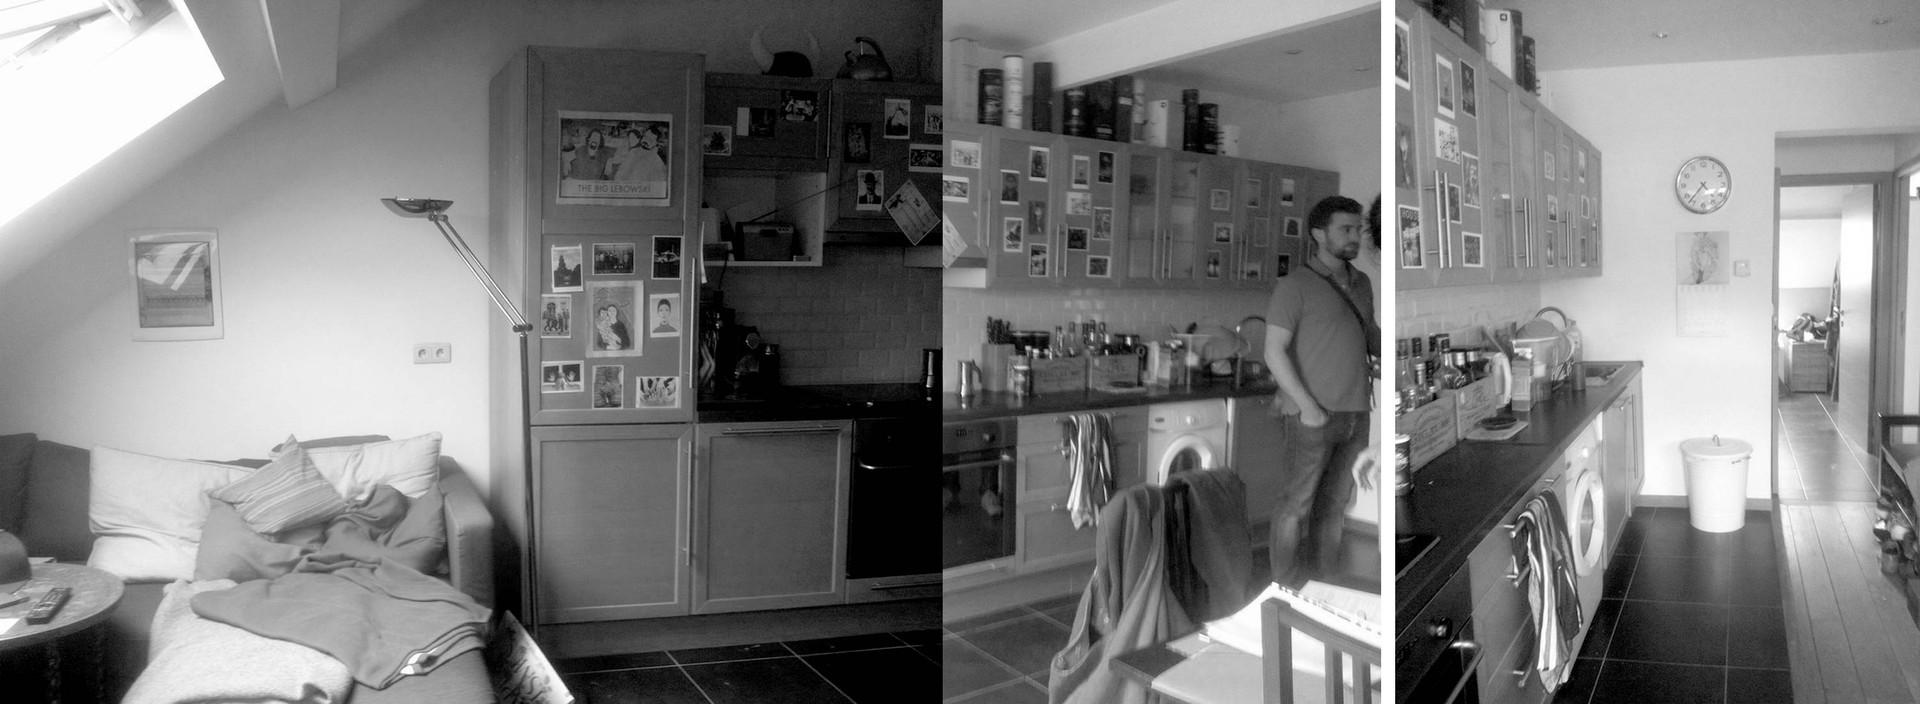 photographie avant | cuisine